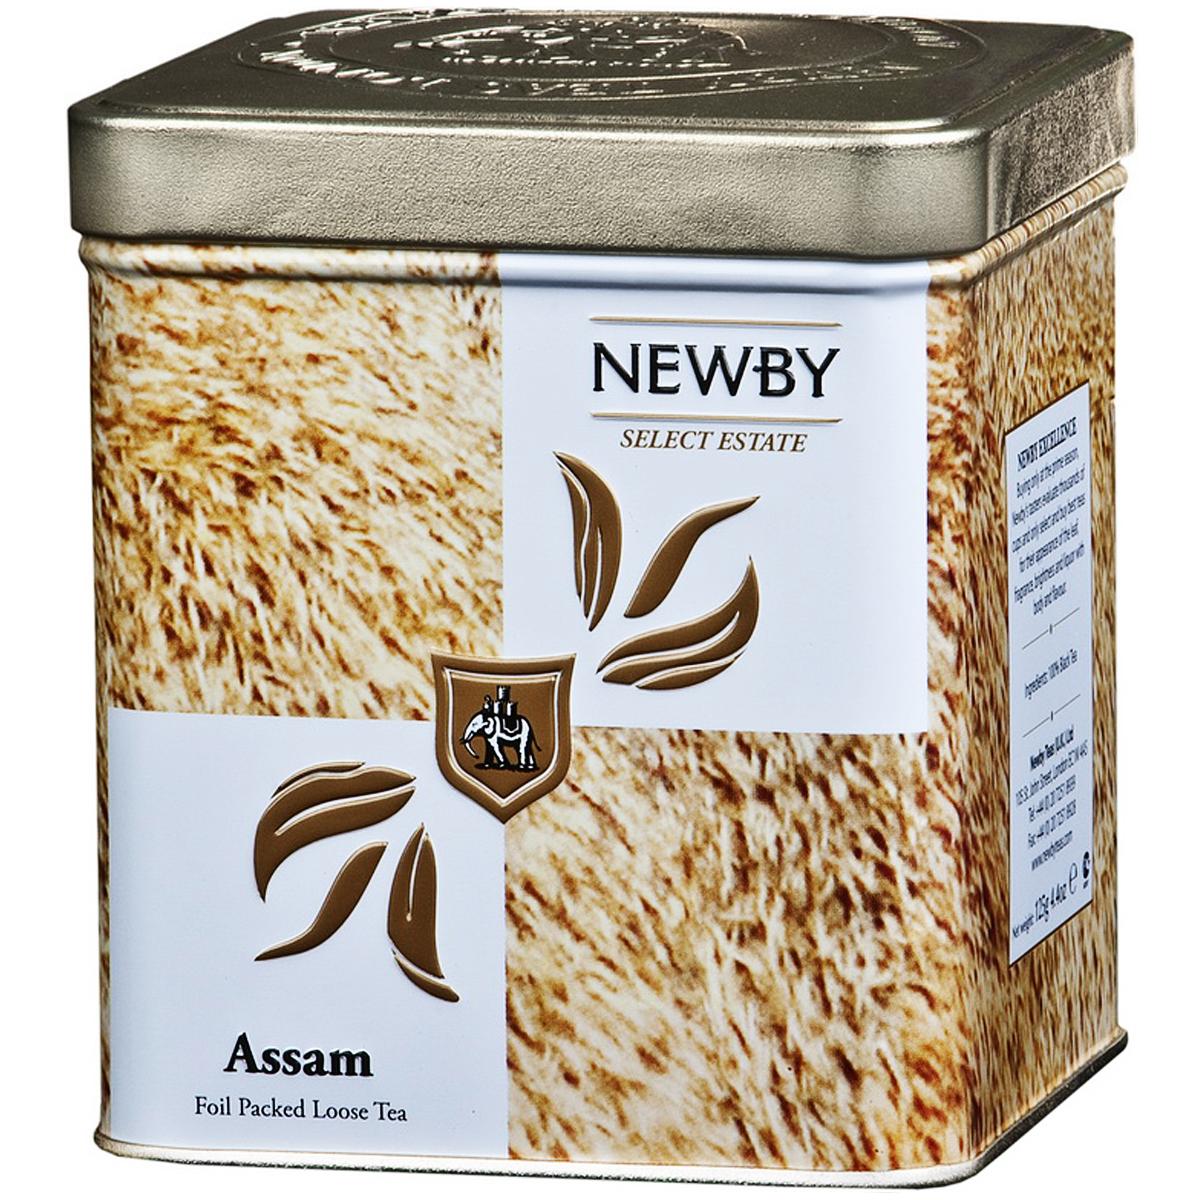 Newby Assam Safari черный листовой чай, 125 г132010Чай Newby Assam Safari из знаменитого чайного штата Ассам на северо-востоке Индии. Золотистые почки, янтарный настой с ароматом мелассы и солодовым послевкусием. По-настоящему крепкий, бодрящий чай.